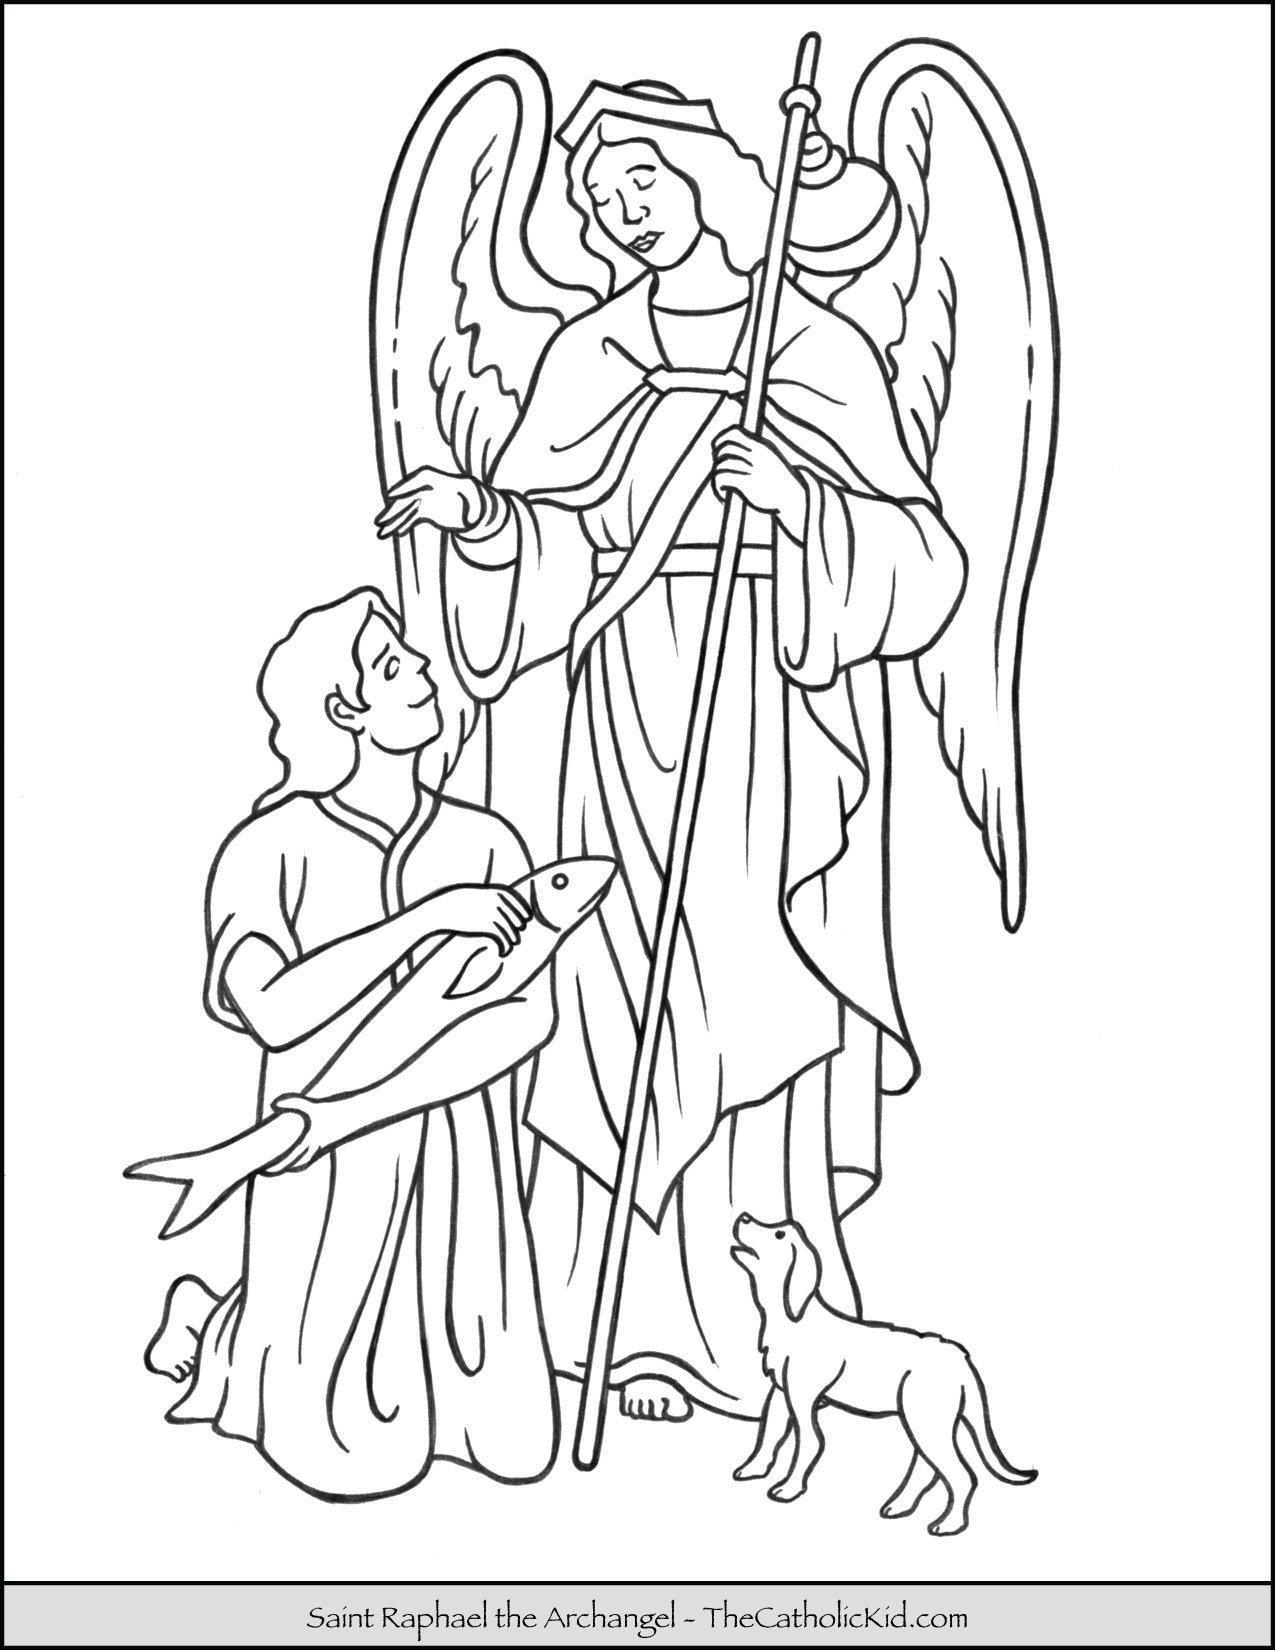 Saint Raphael Archangel Coloring Page